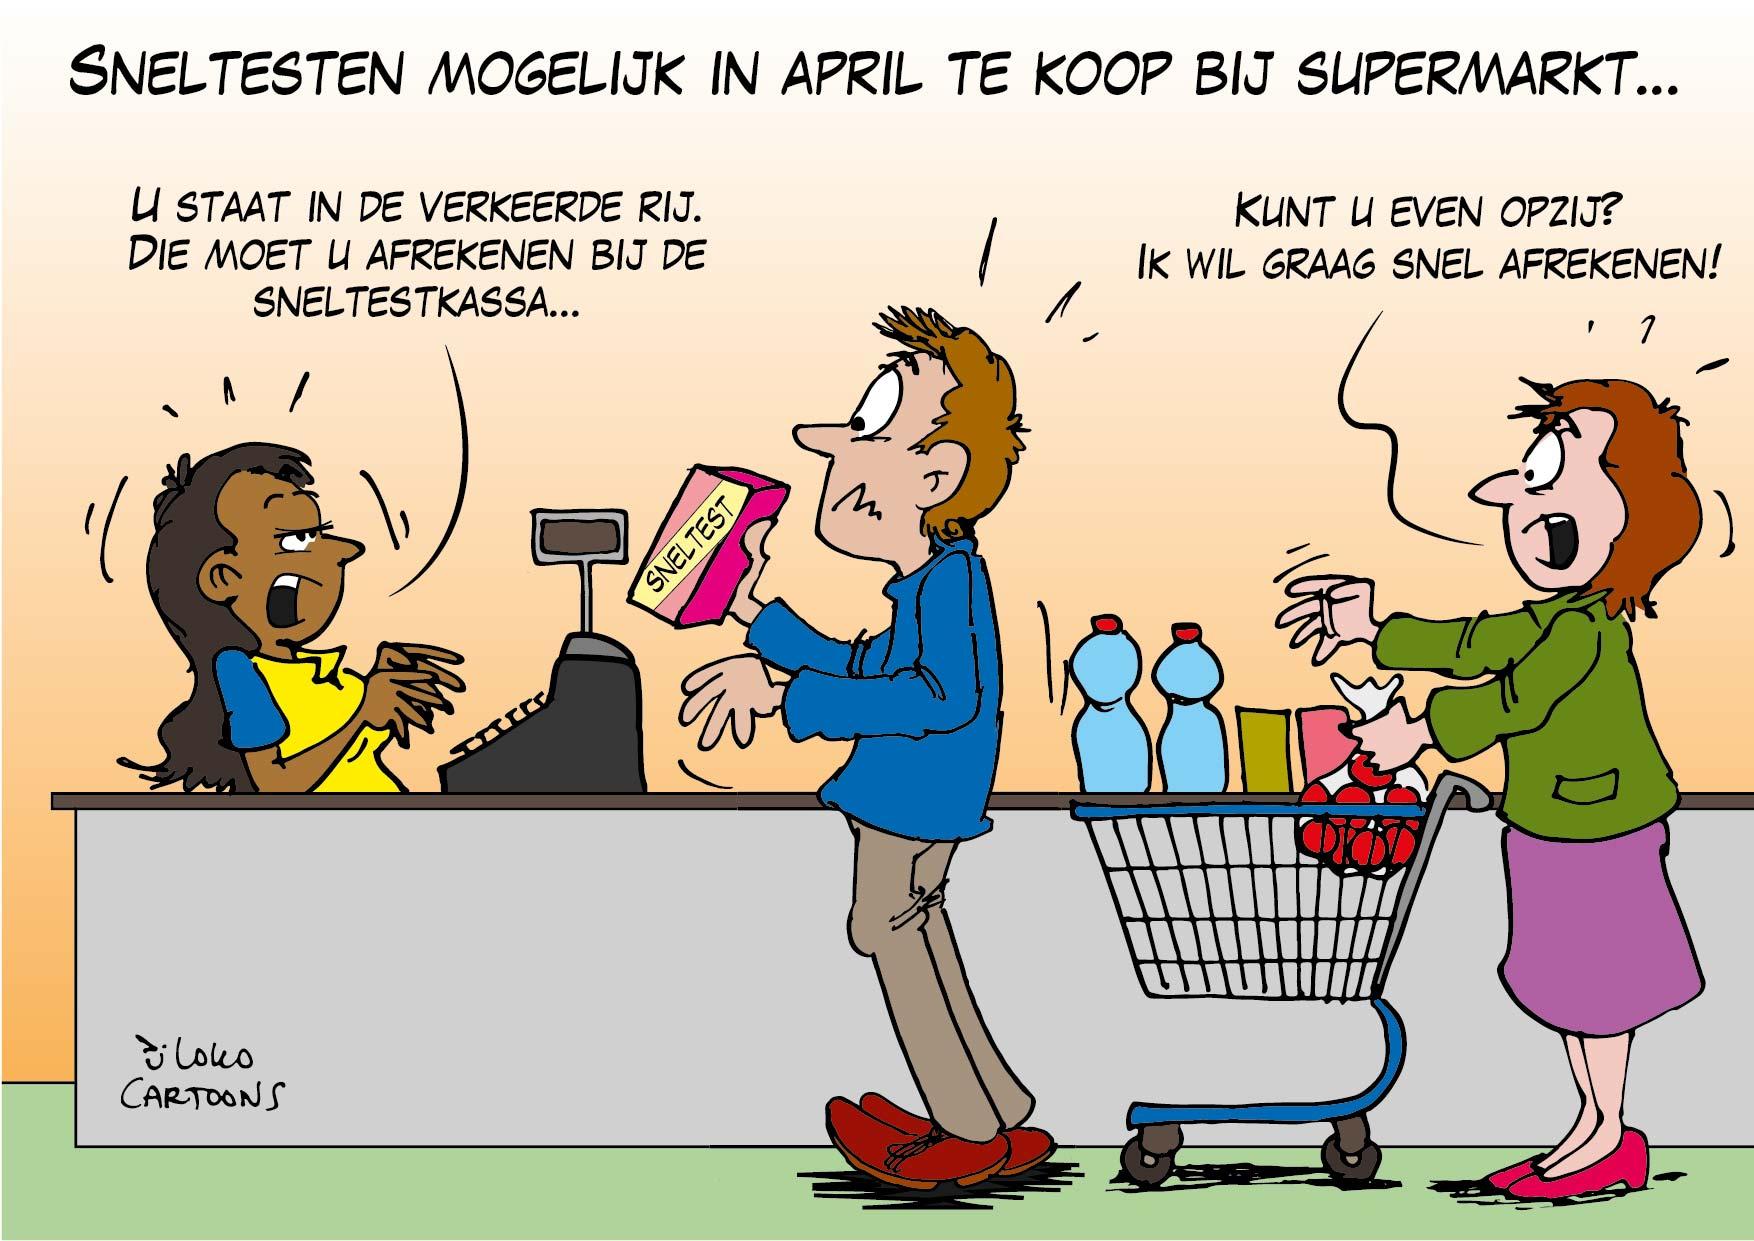 Sneltesten mogelijk in april te koop bij supermarkten